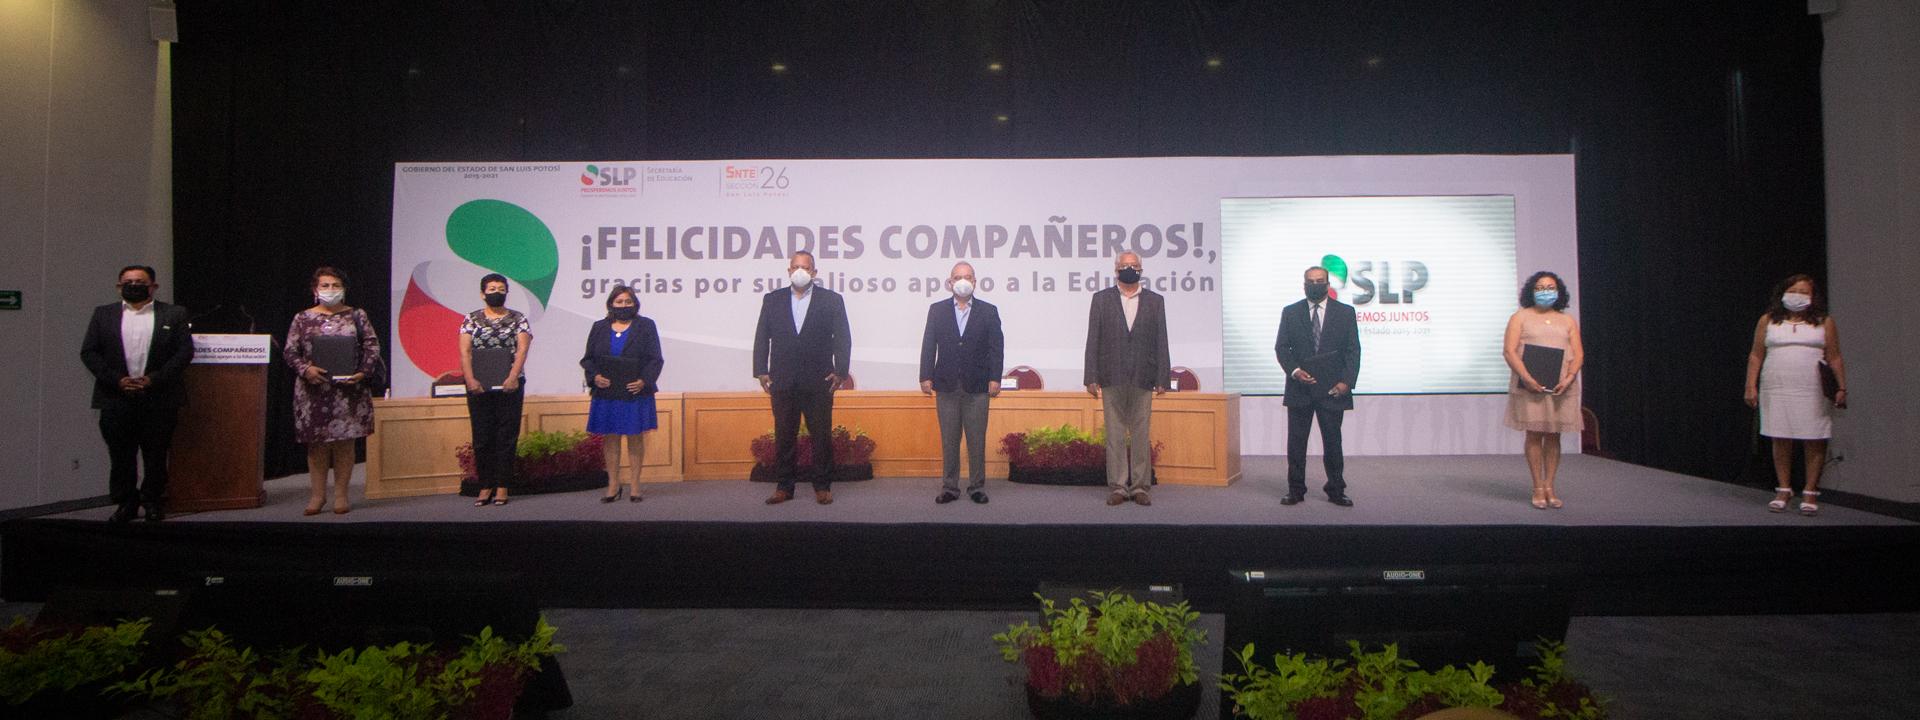 La Secretaría de Educación de Gobierno del Estado, en coordinación con la Sección 26 del SNTE, llevan a cabo la entrega de Reconocimientos por años de Servicio, Premios municipales y Estatal al PAAE en San Luis Potosí